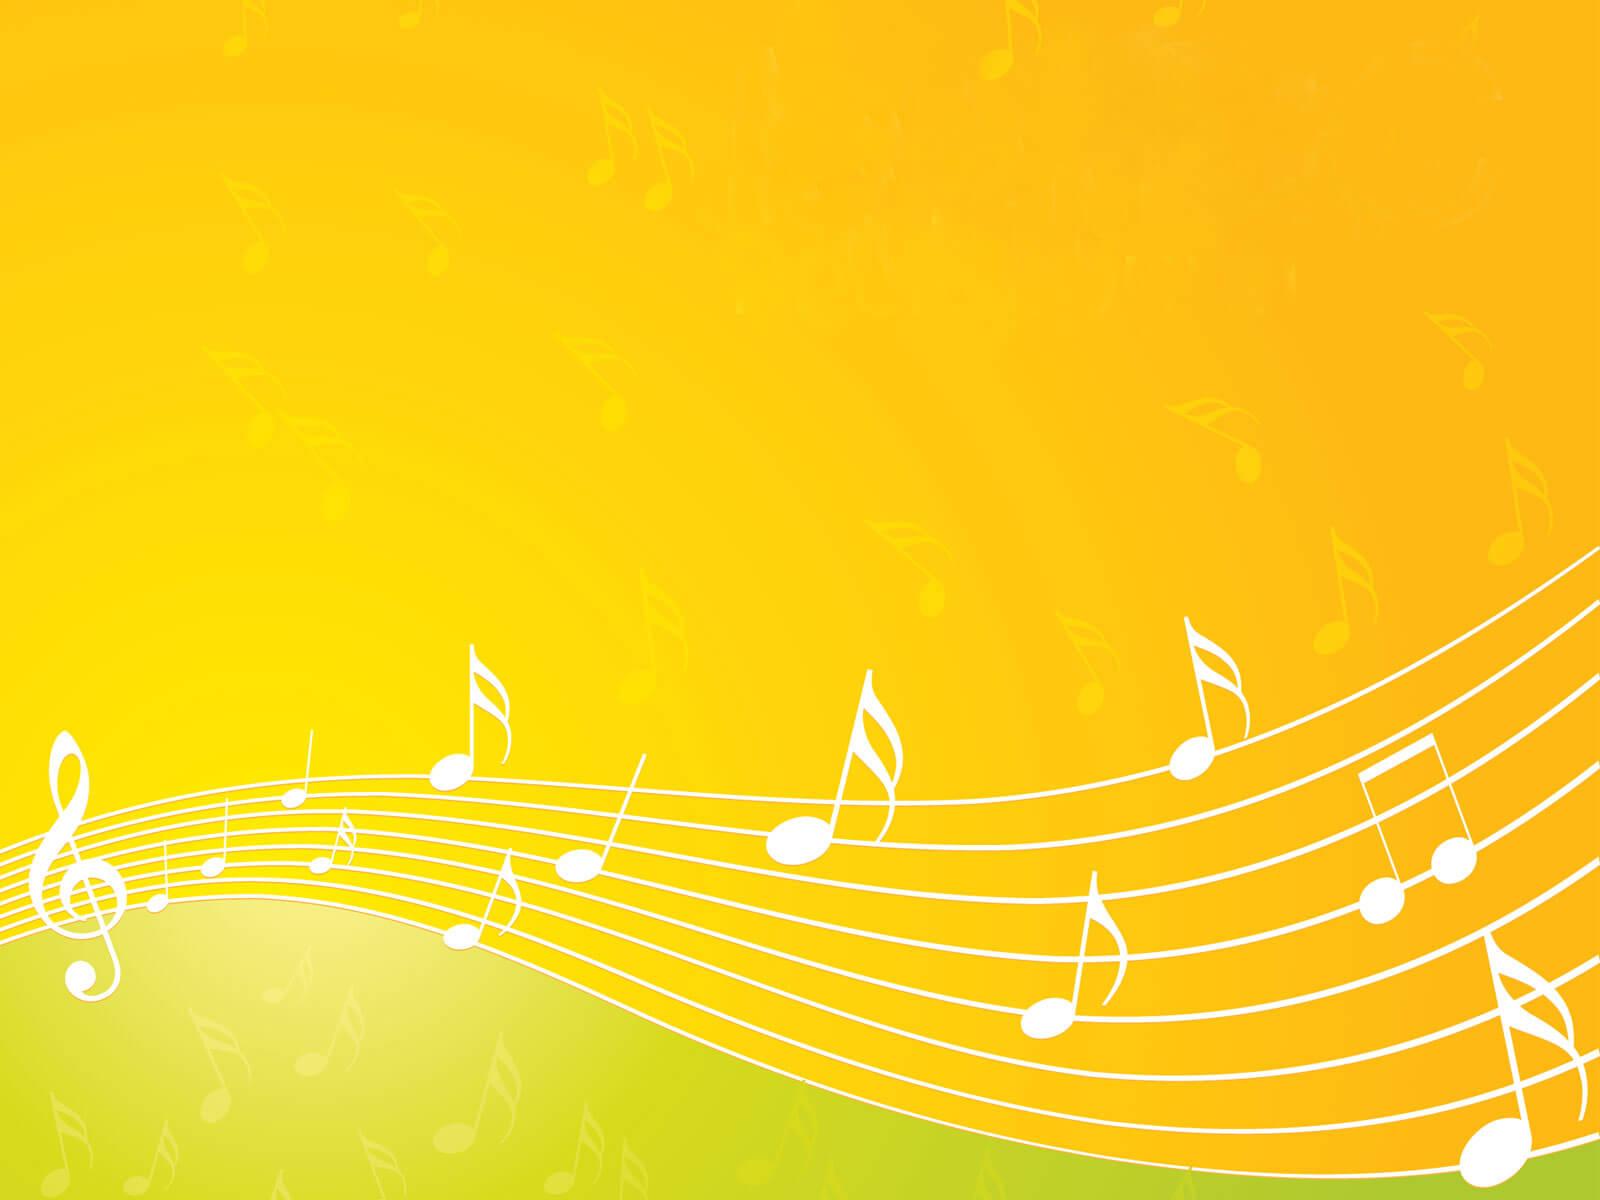 音部記号 - オレンジとト音記号 - 音部記号